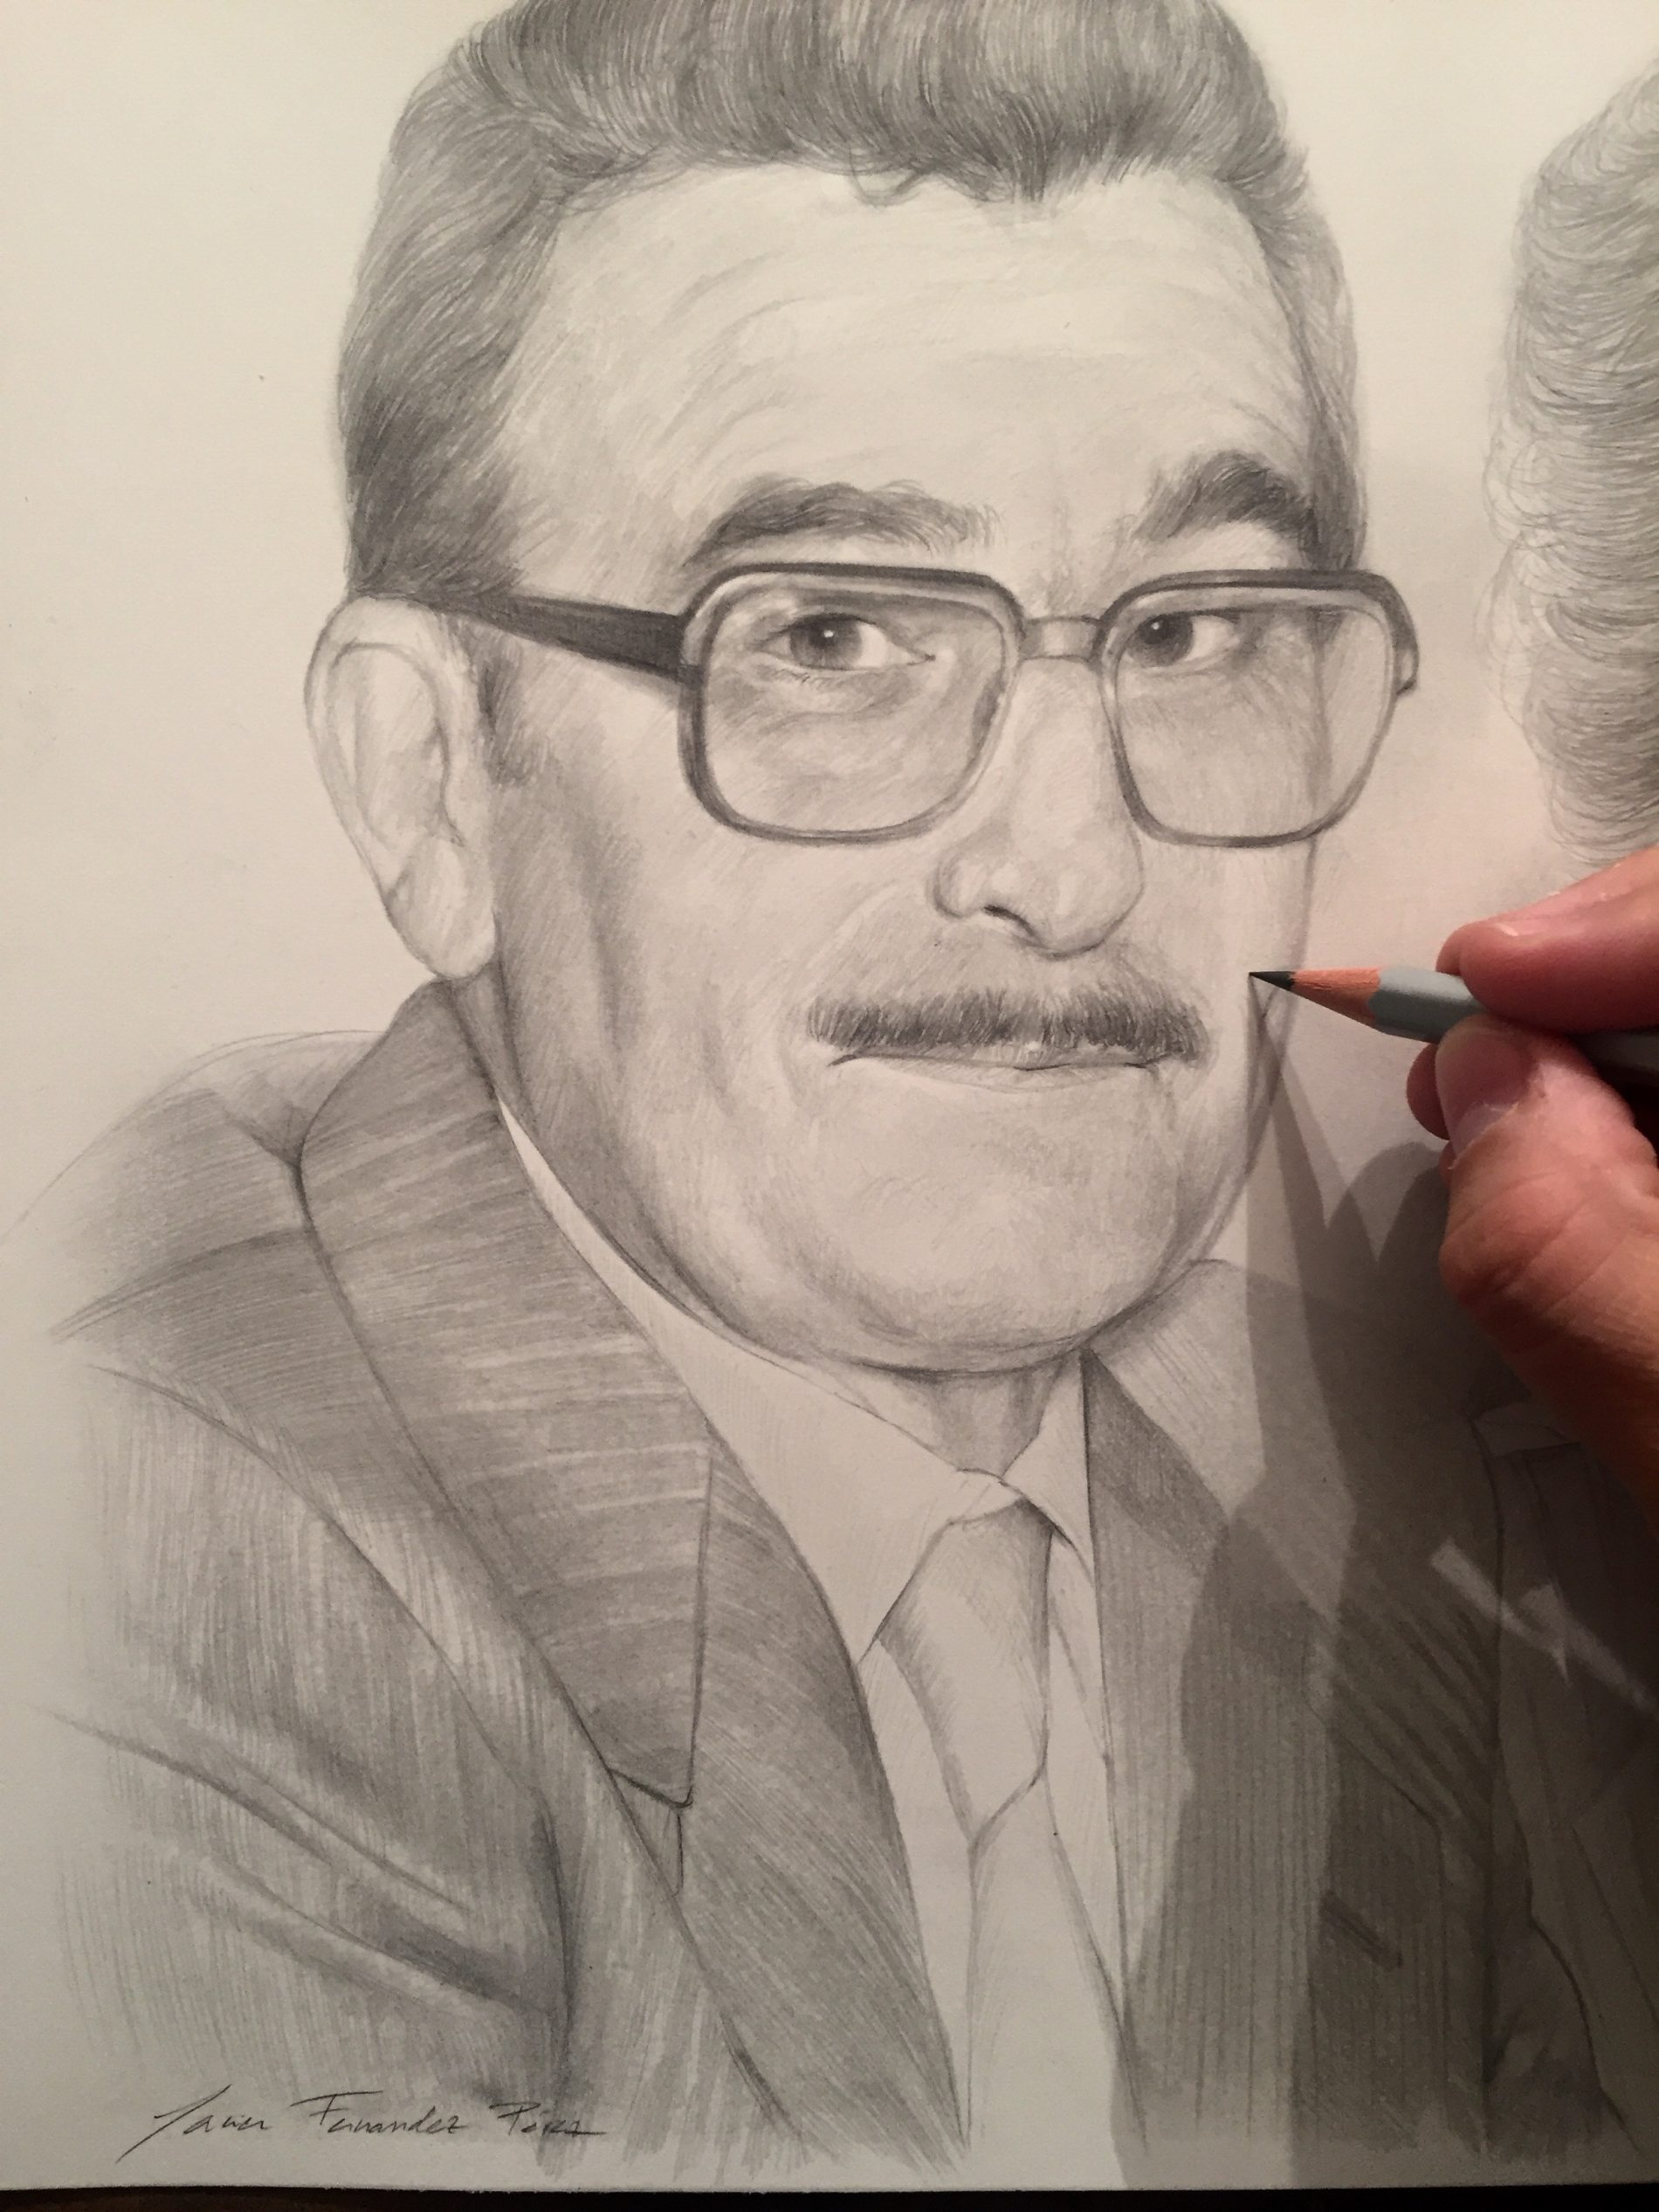 retratos-por-encargo-71-detalle-e1488871254478